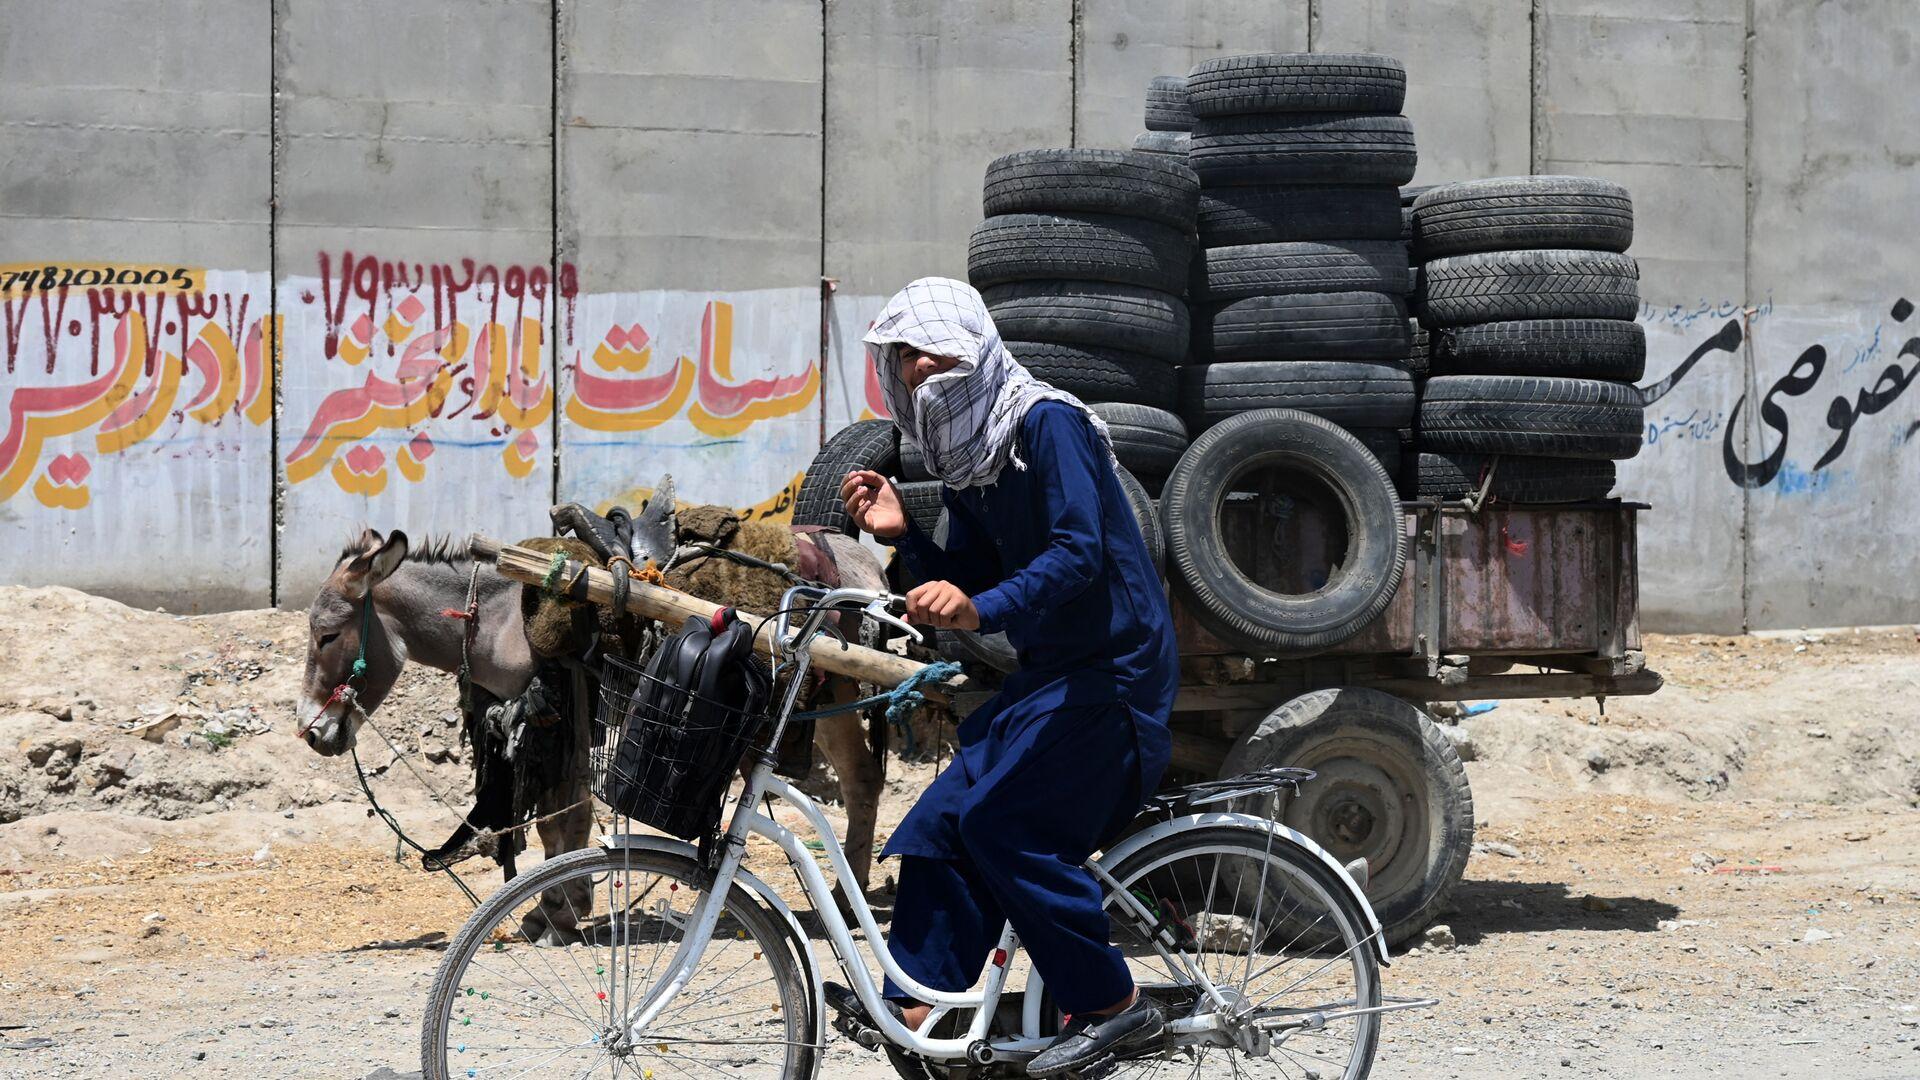 Молодой человек едет на велосипеде рядом с упряжью ослов, груженных шинами, в Кабуле  - Sputnik Italia, 1920, 15.08.2021